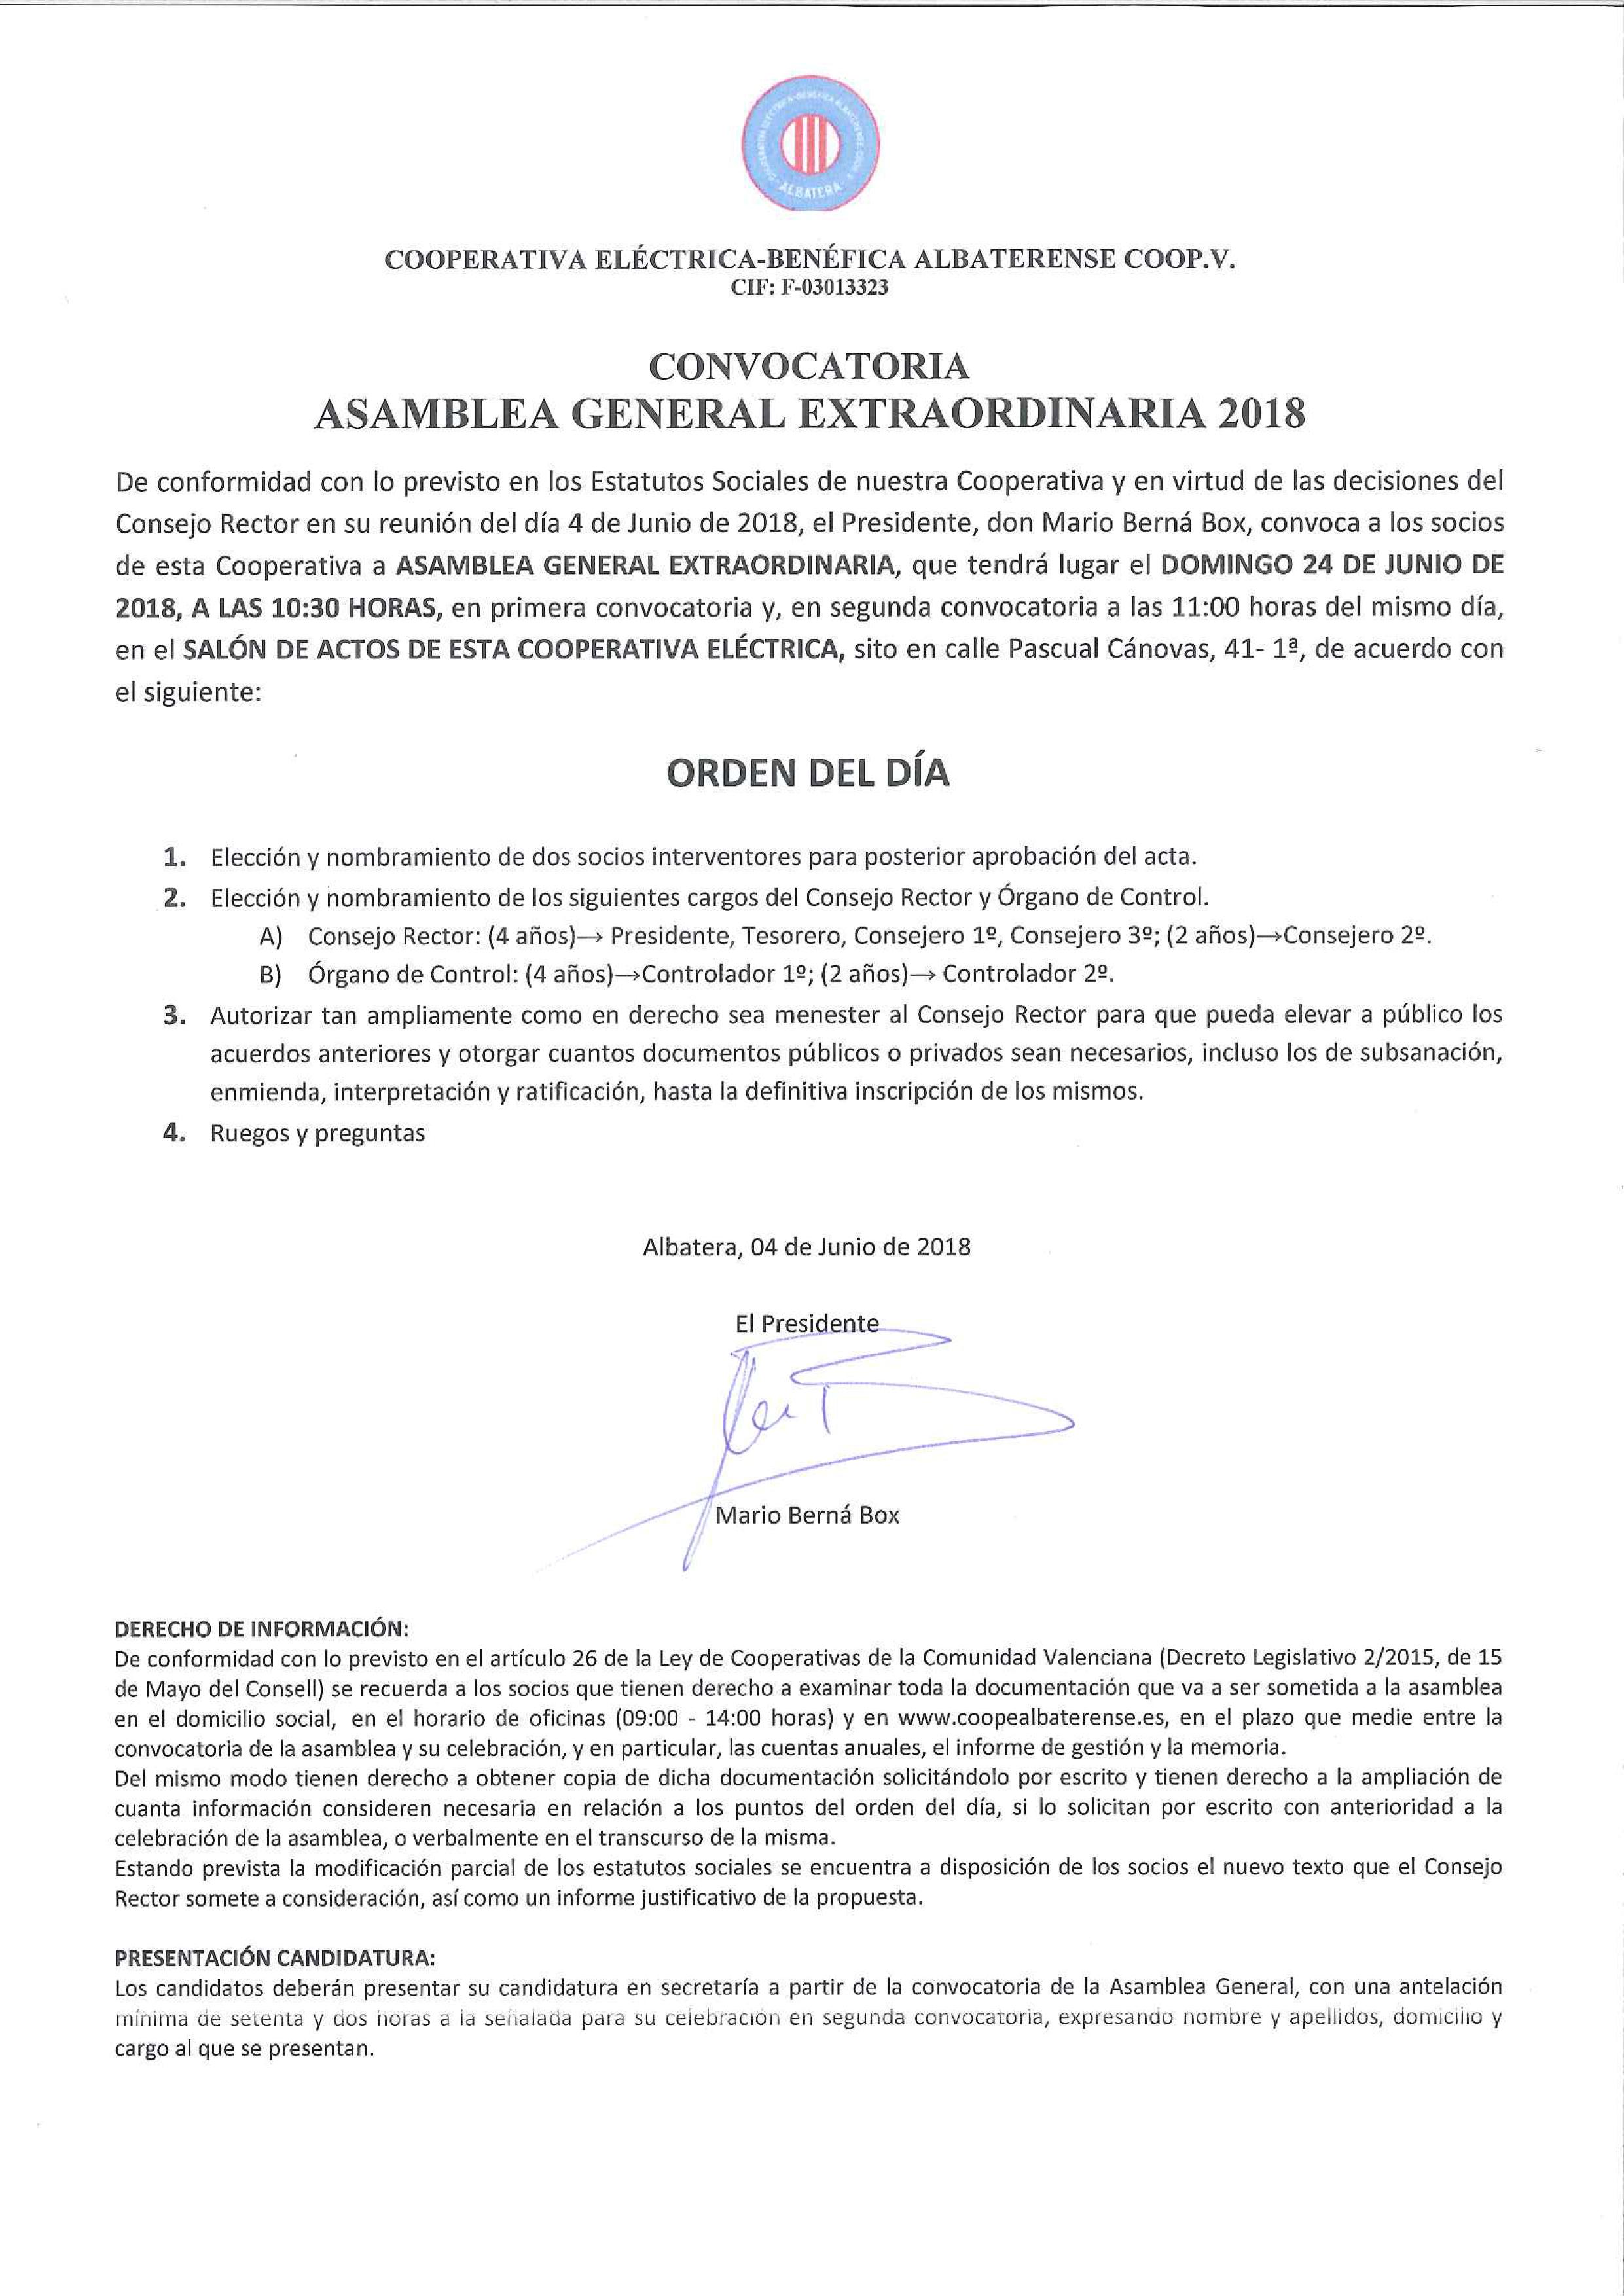 Asamblea General Extraordinaria Coope 24 junio 2018